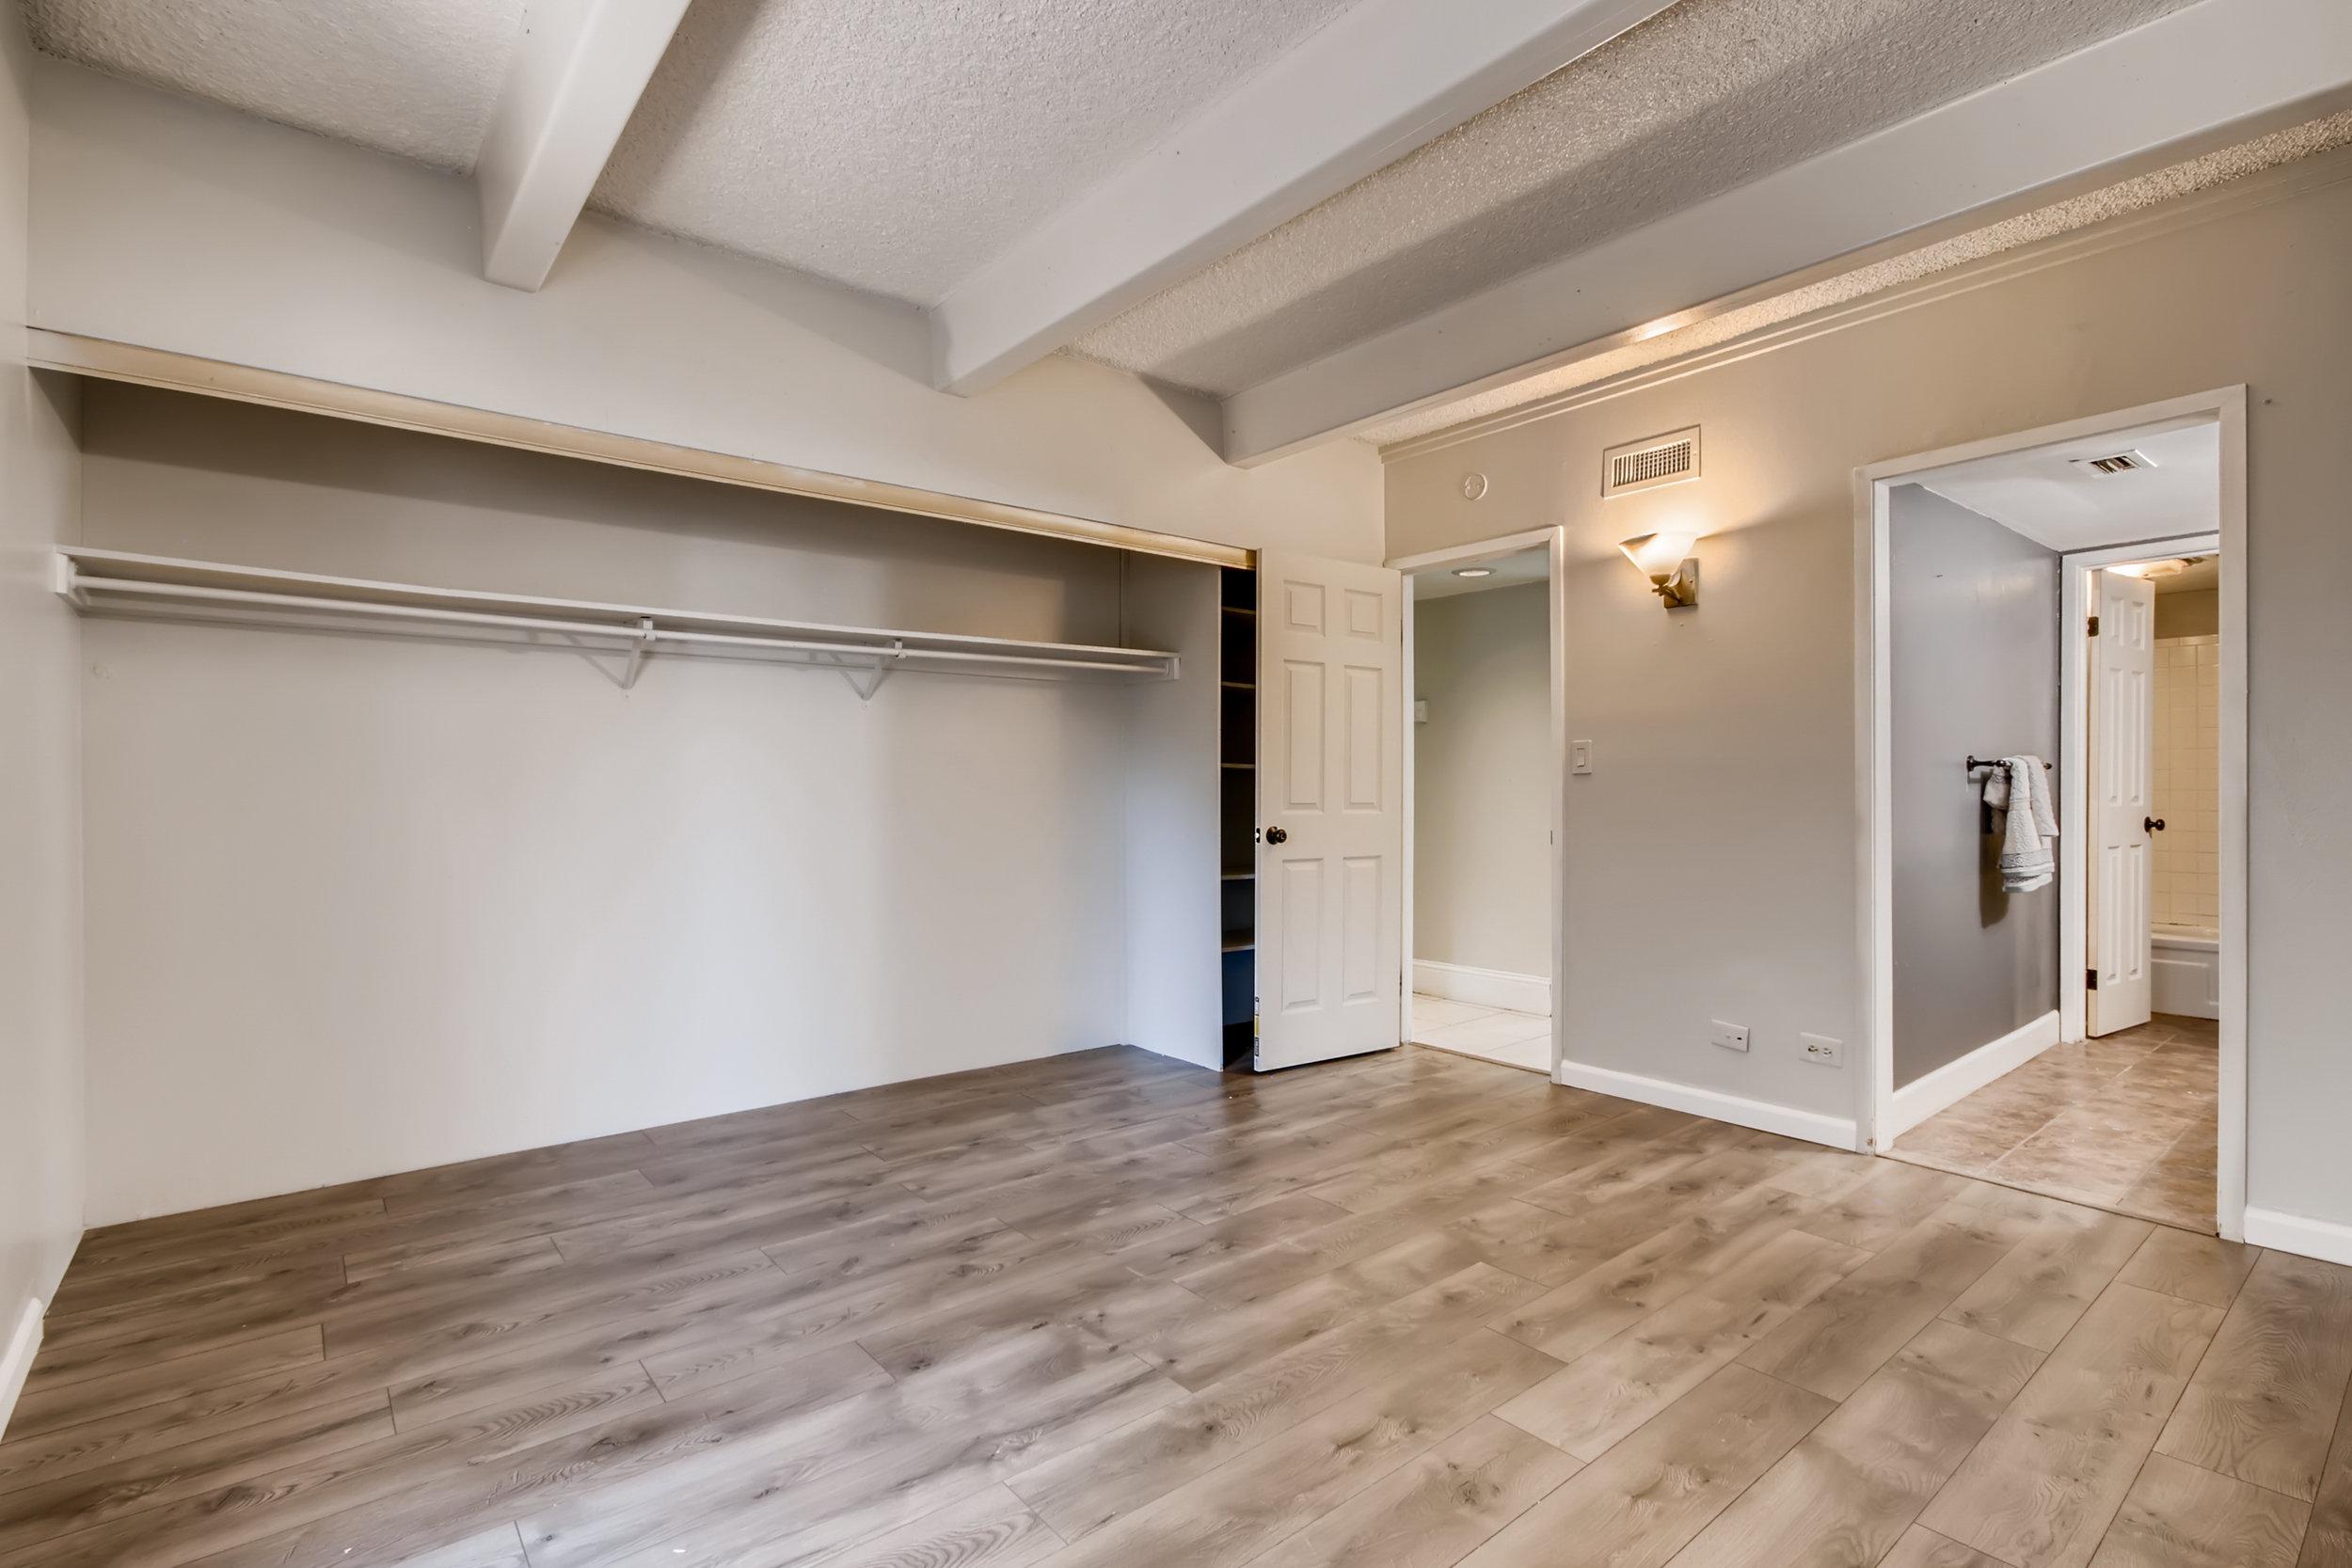 9700 E Illif Ave E48 Denver CO-print-017-016-Master Bedroom-3600x2400-300dpi.jpg